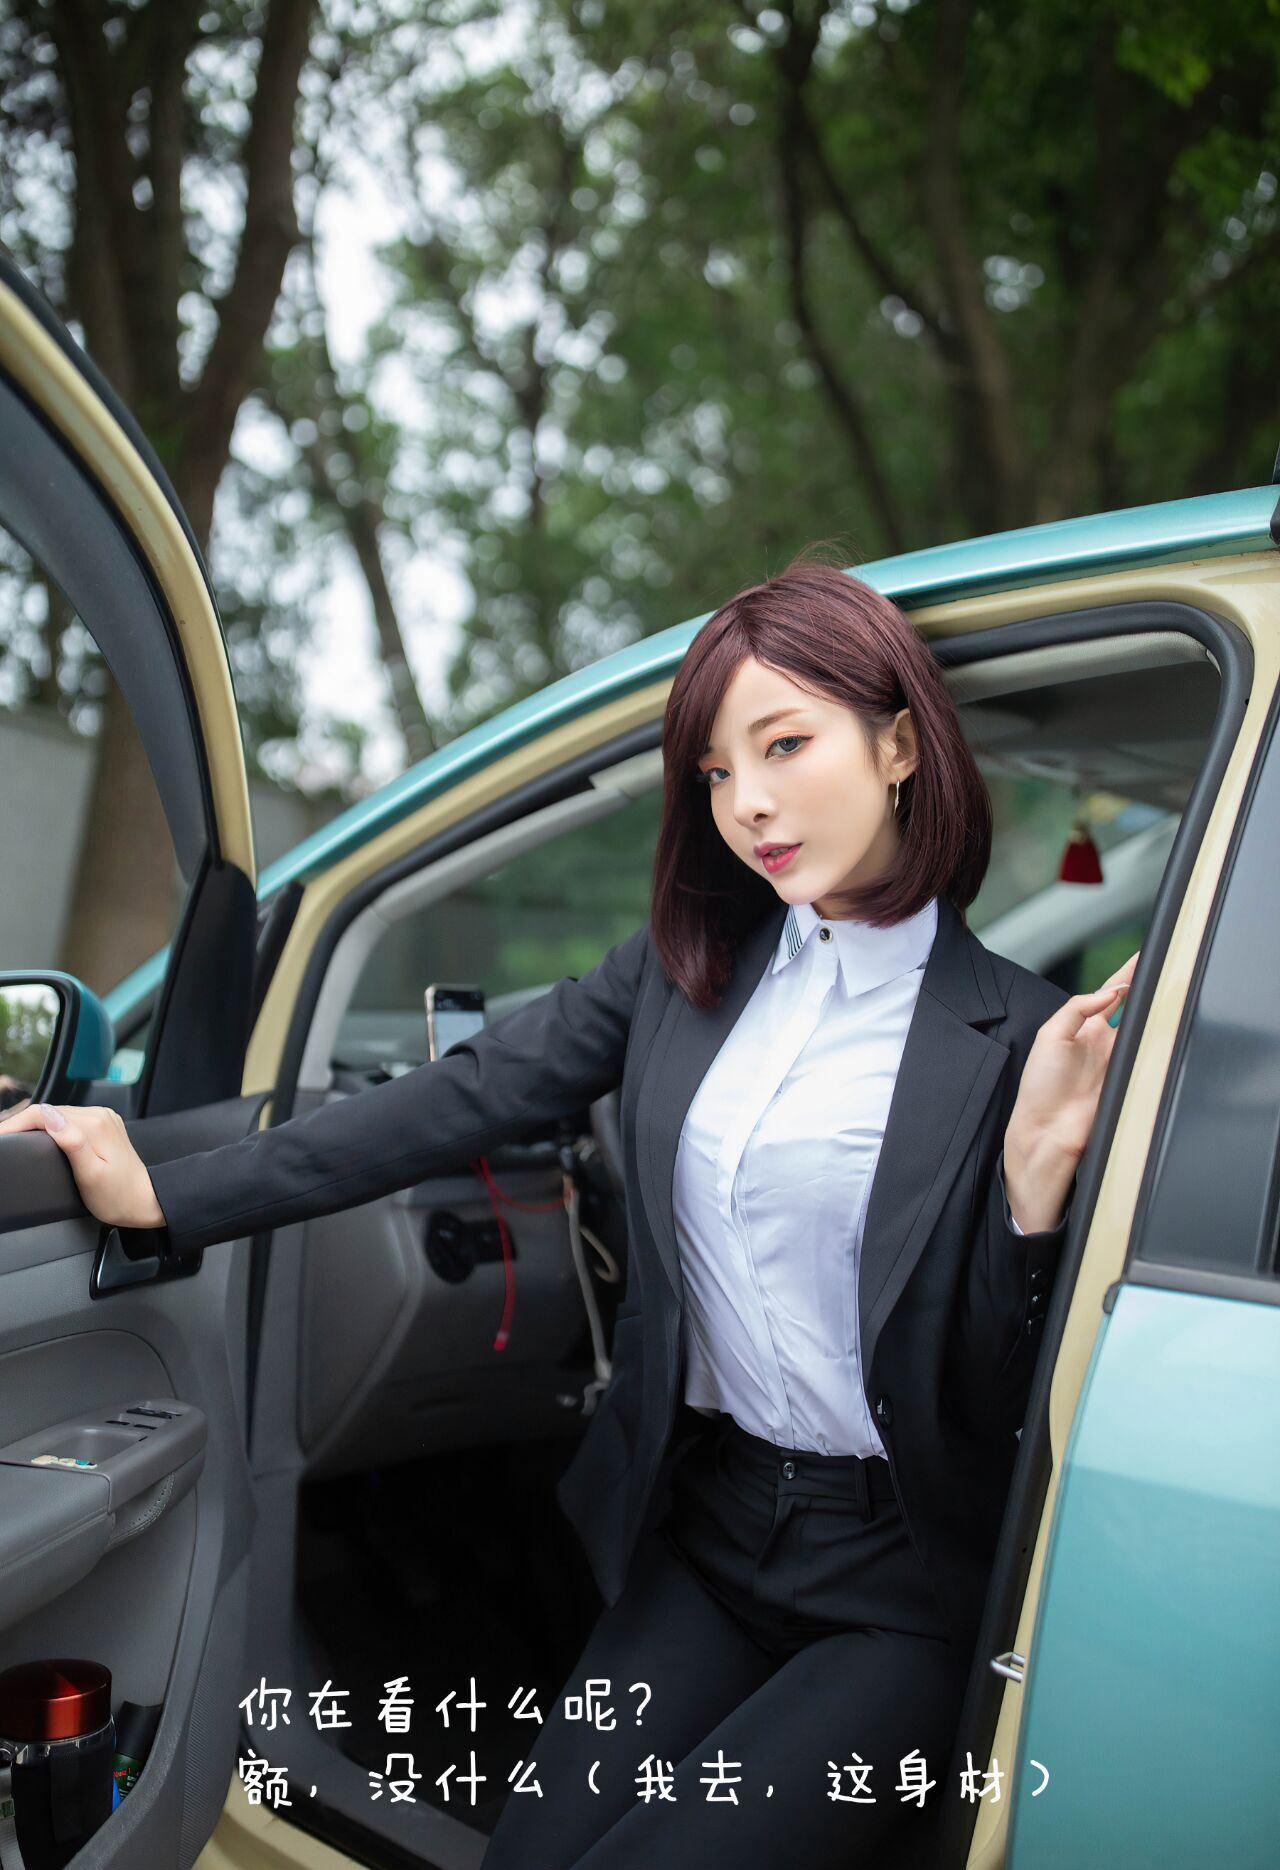 图片[8]-【剧情mietu】我和出租车女司机的邂逅故事-大鹏资源网